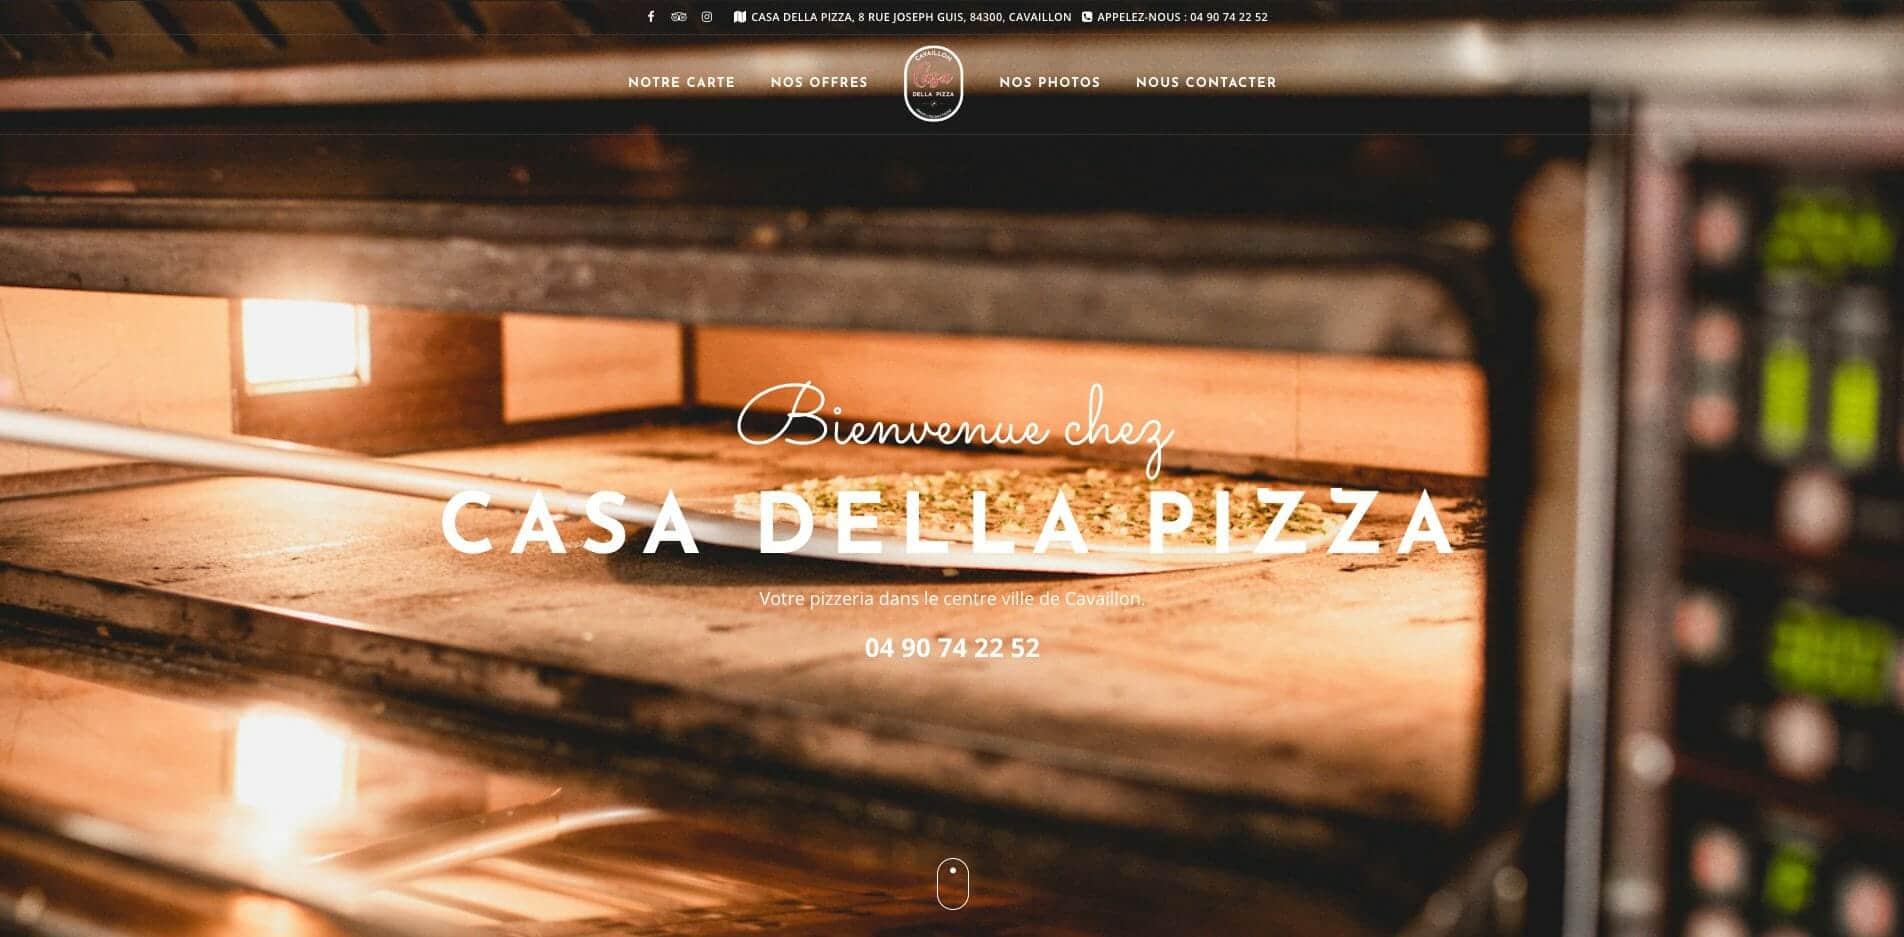 Digitalisons Provence - Casa della Pizza